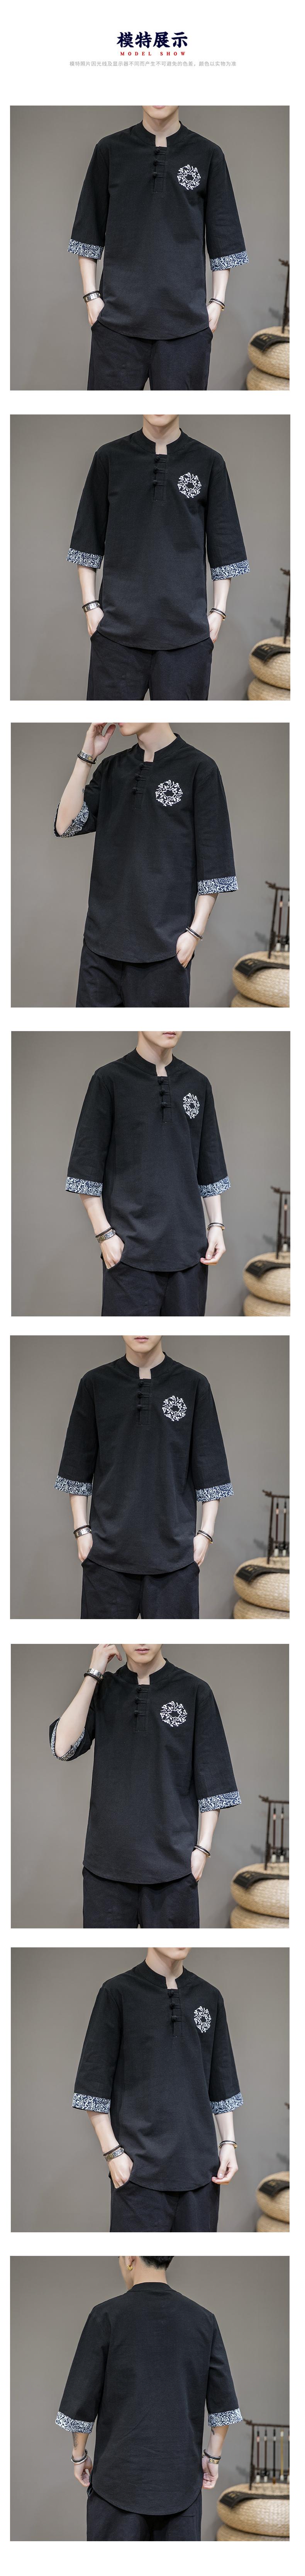 中国风刺绣短袖丅恤大码QT4039--HW006--P40